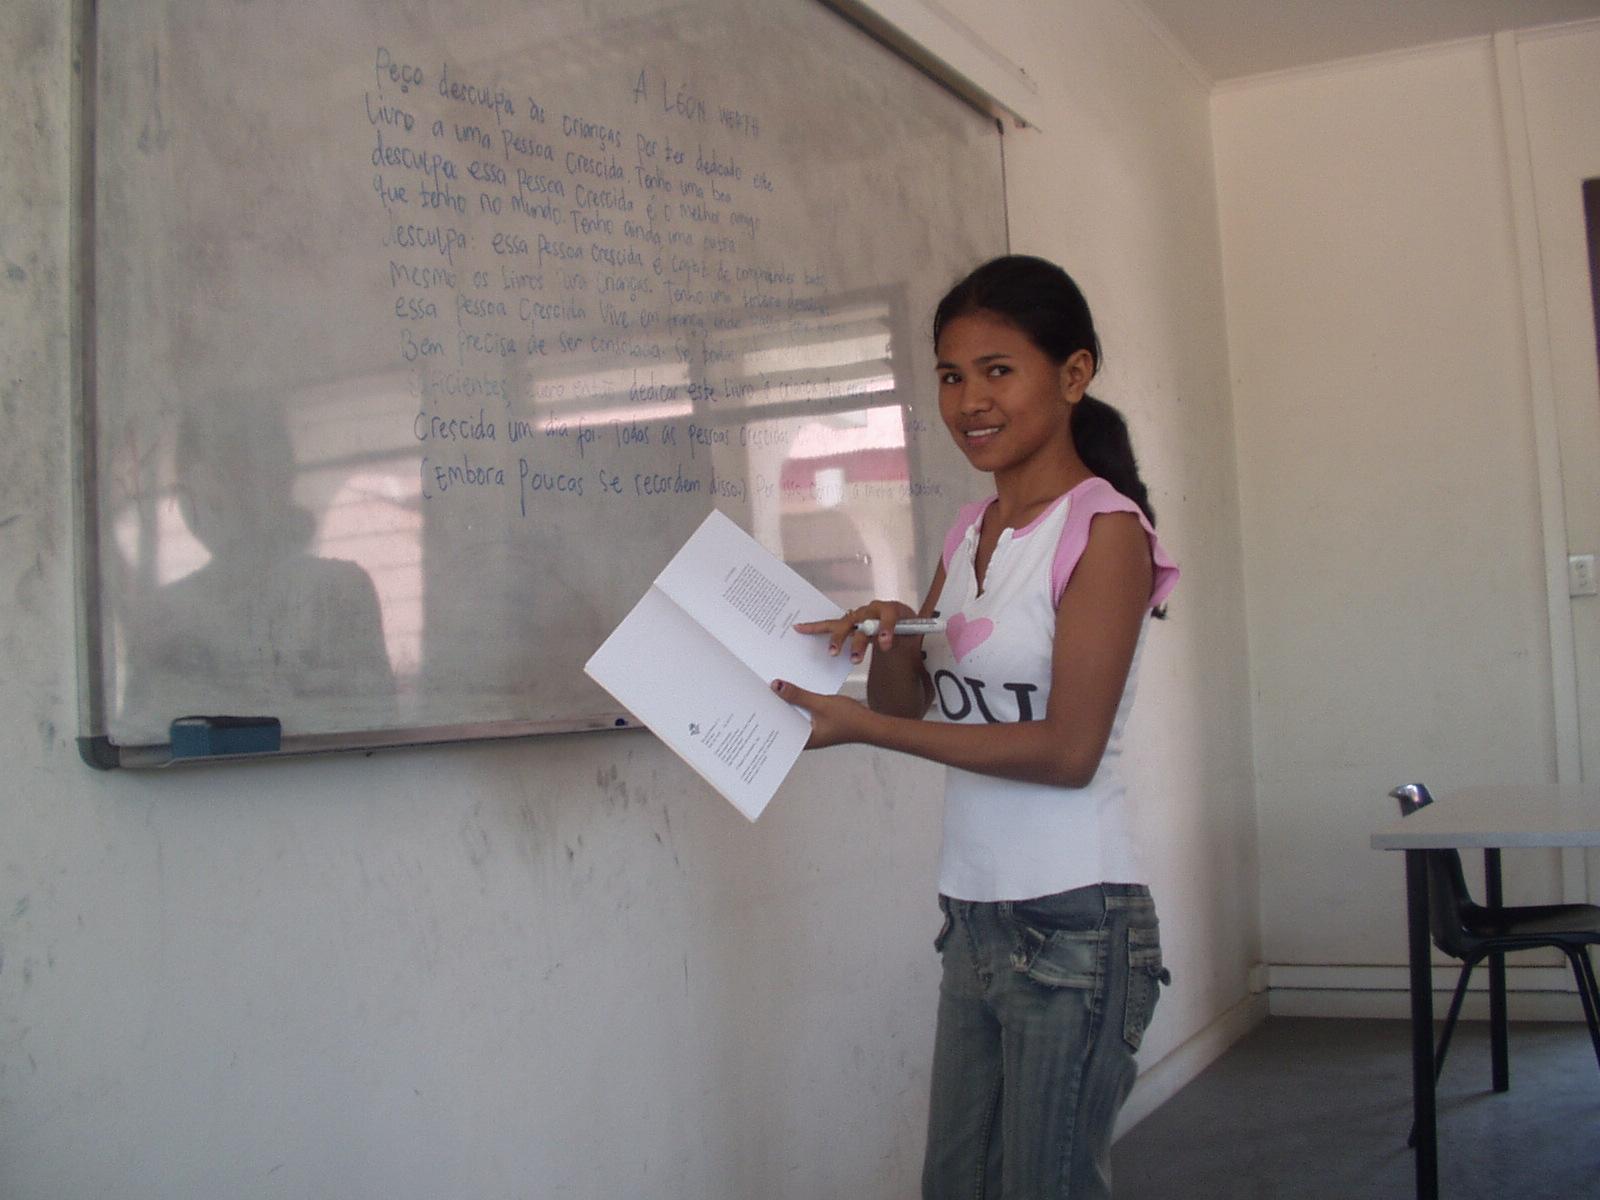 Professores que vão ensinar português em Timor já assinaram contratos